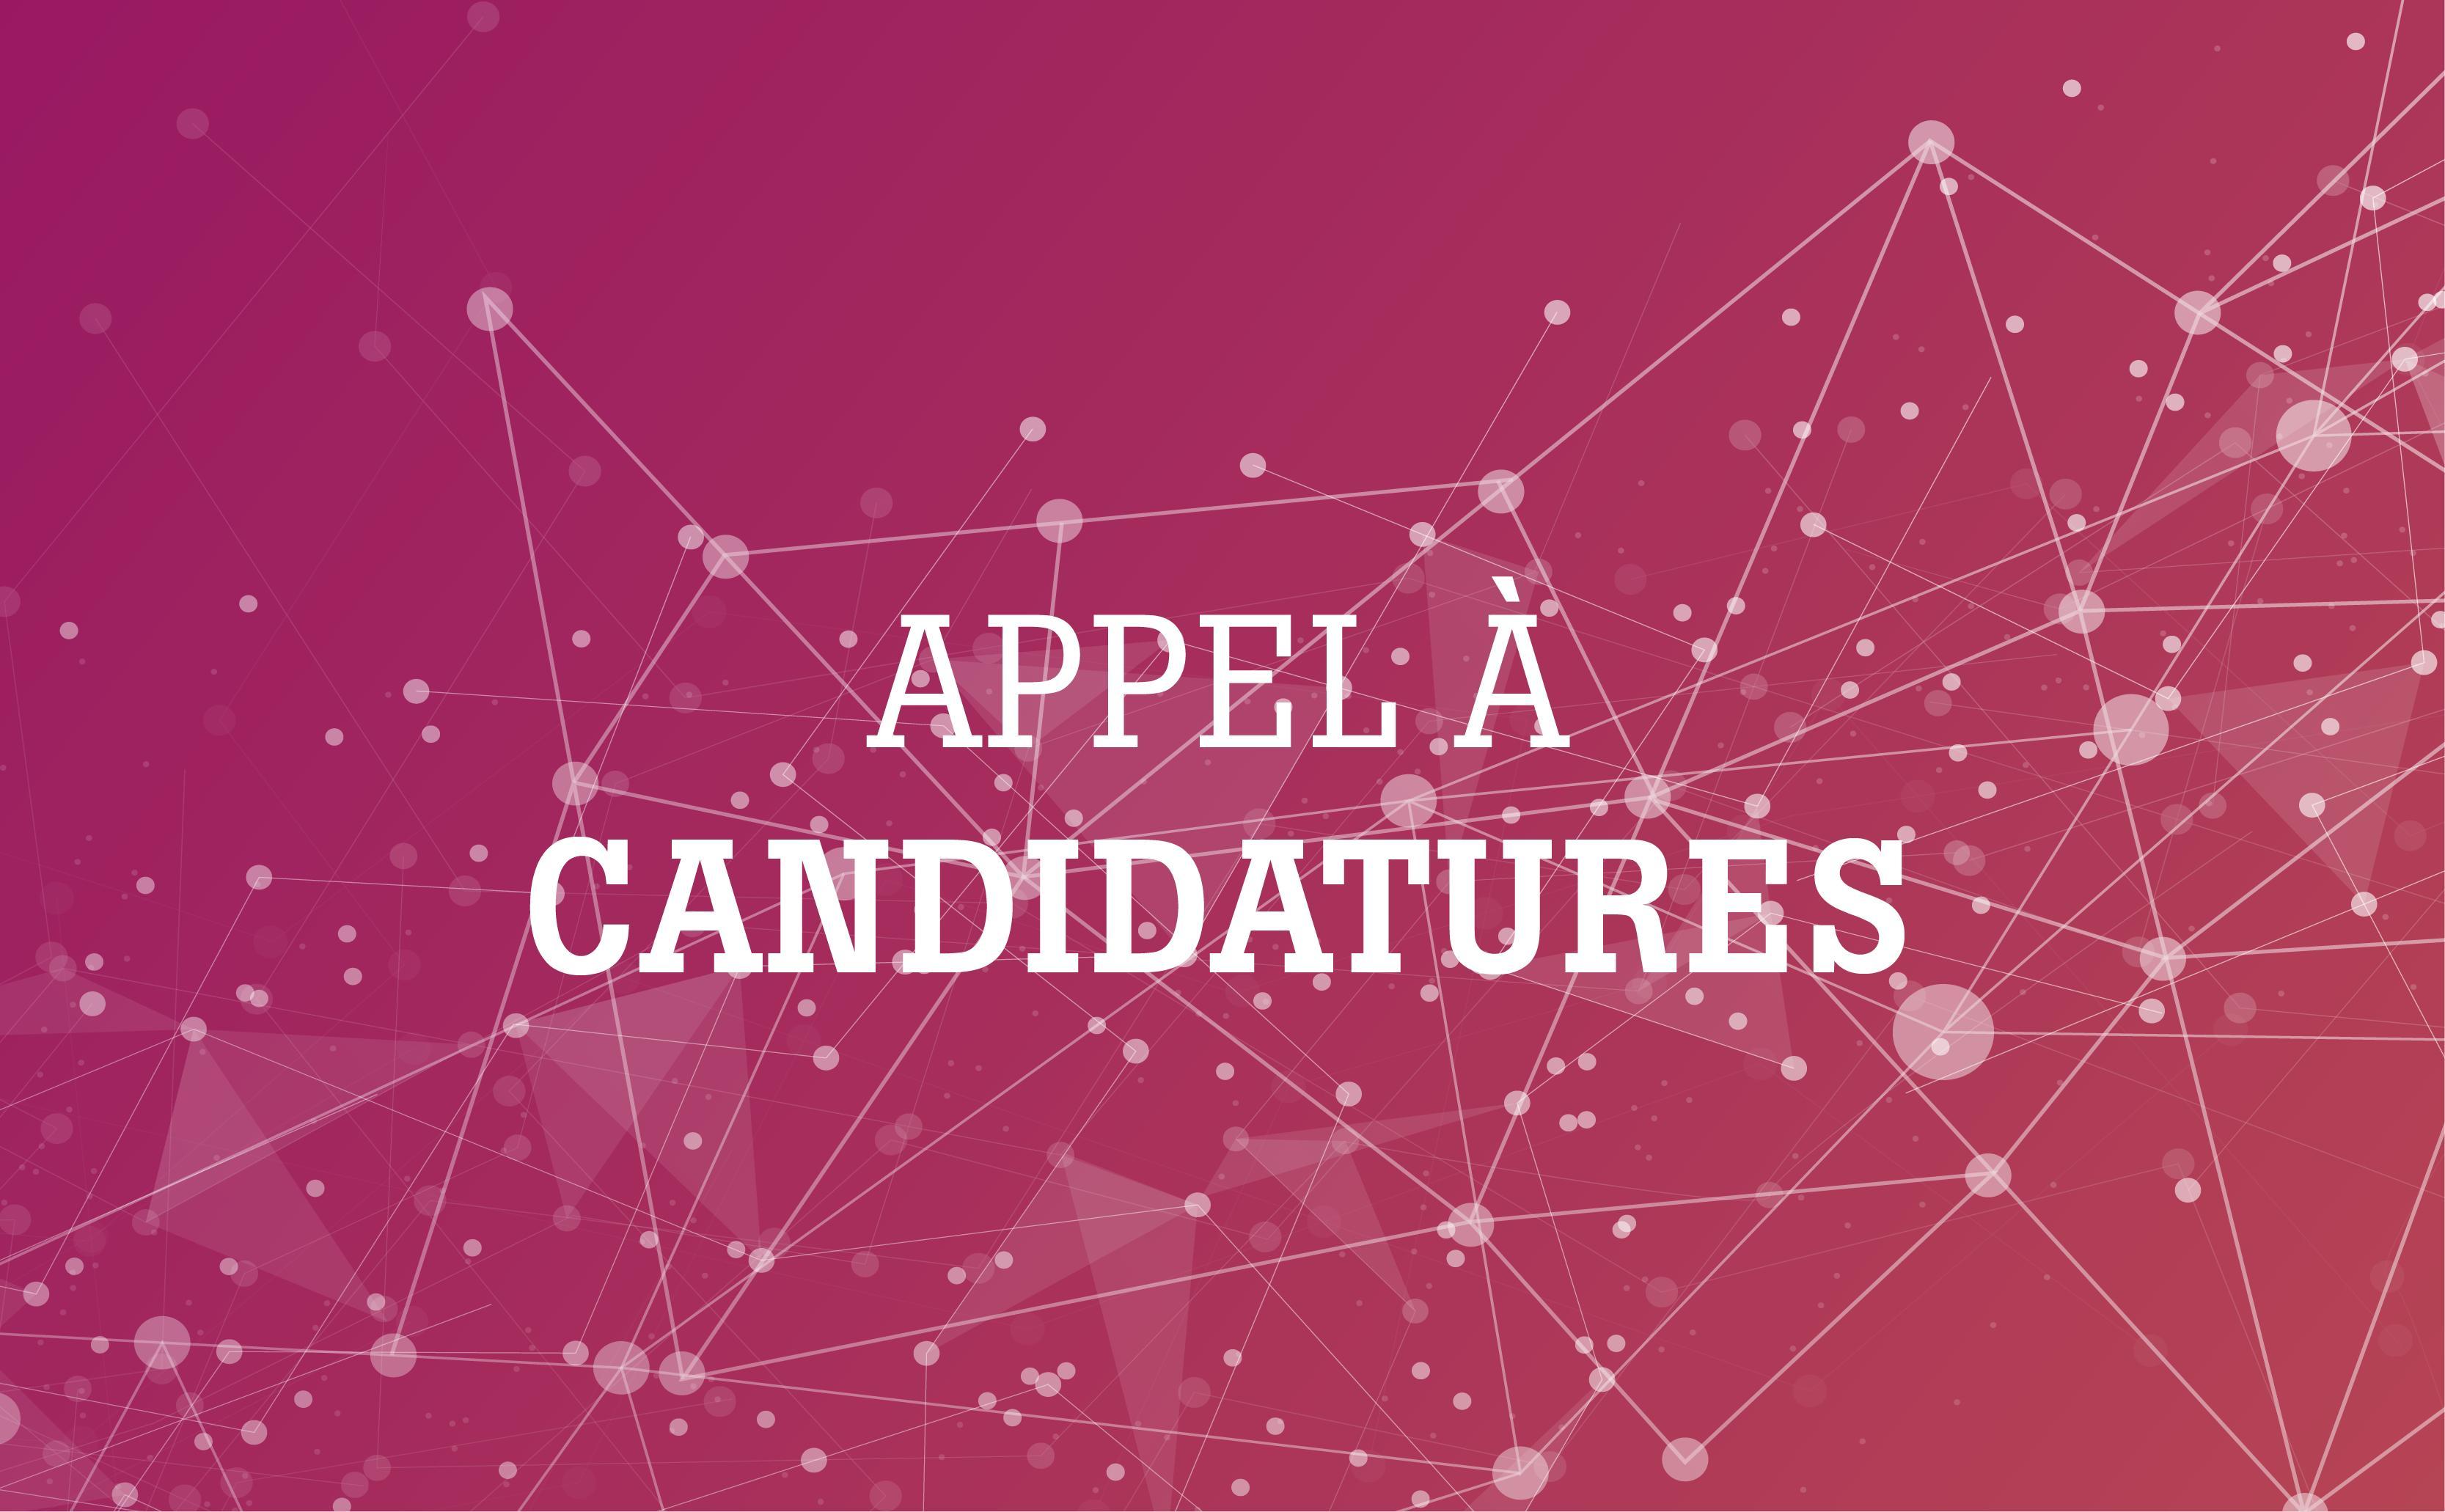 Mandats : appel à candidatures